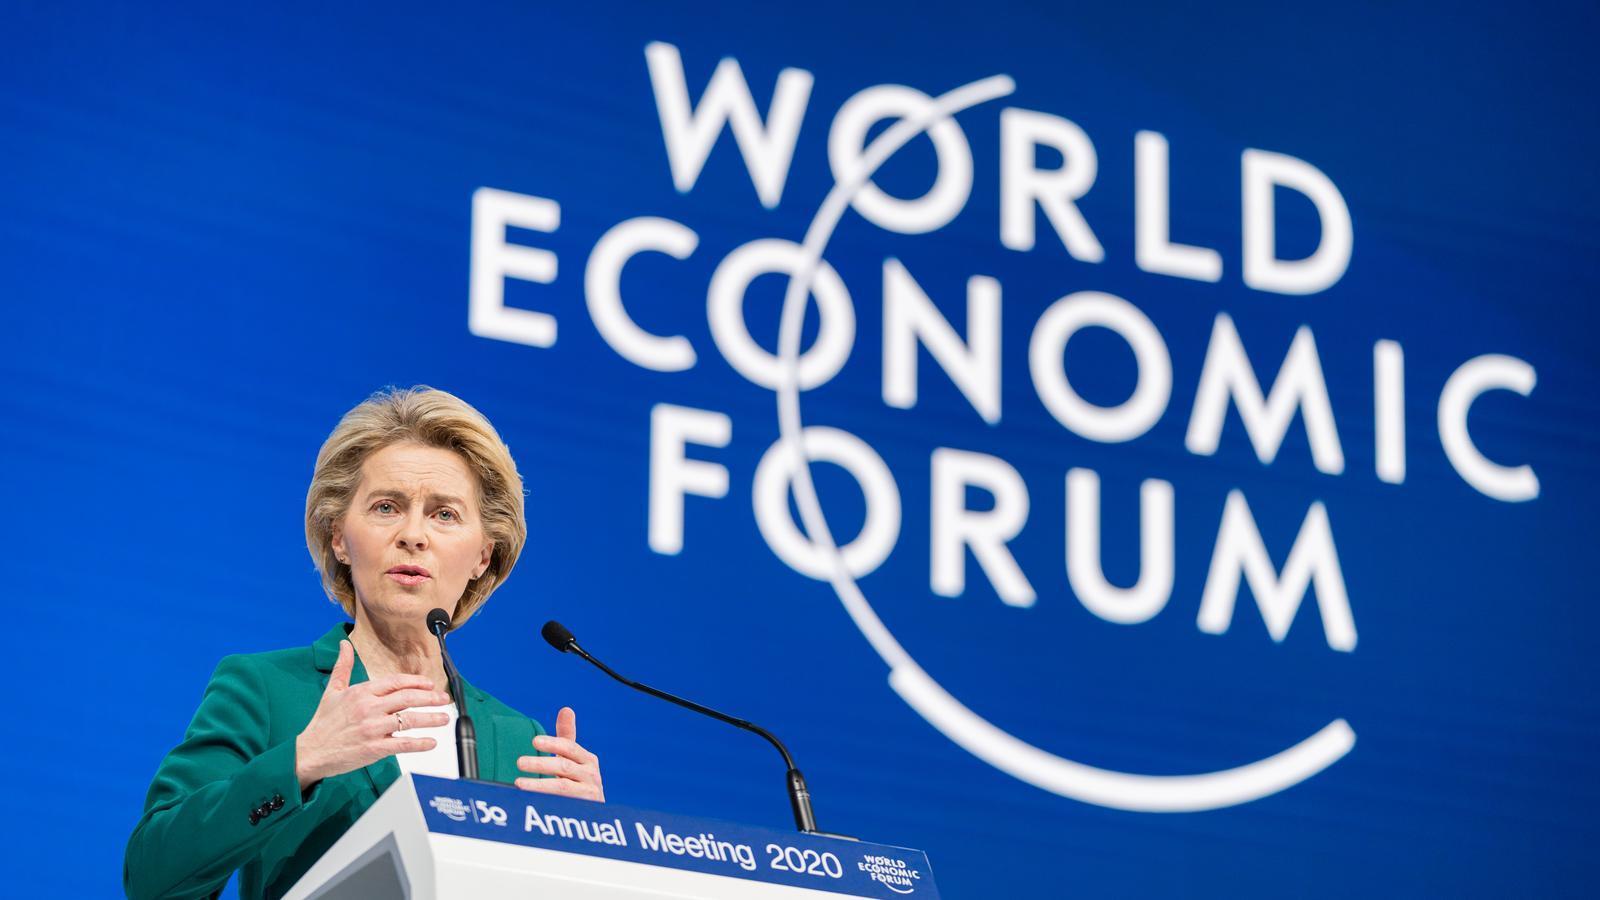 Von der Leyen esgrimeix la seva taxa fronterera al carboni per demanar als socis comercials que redueixin emissions